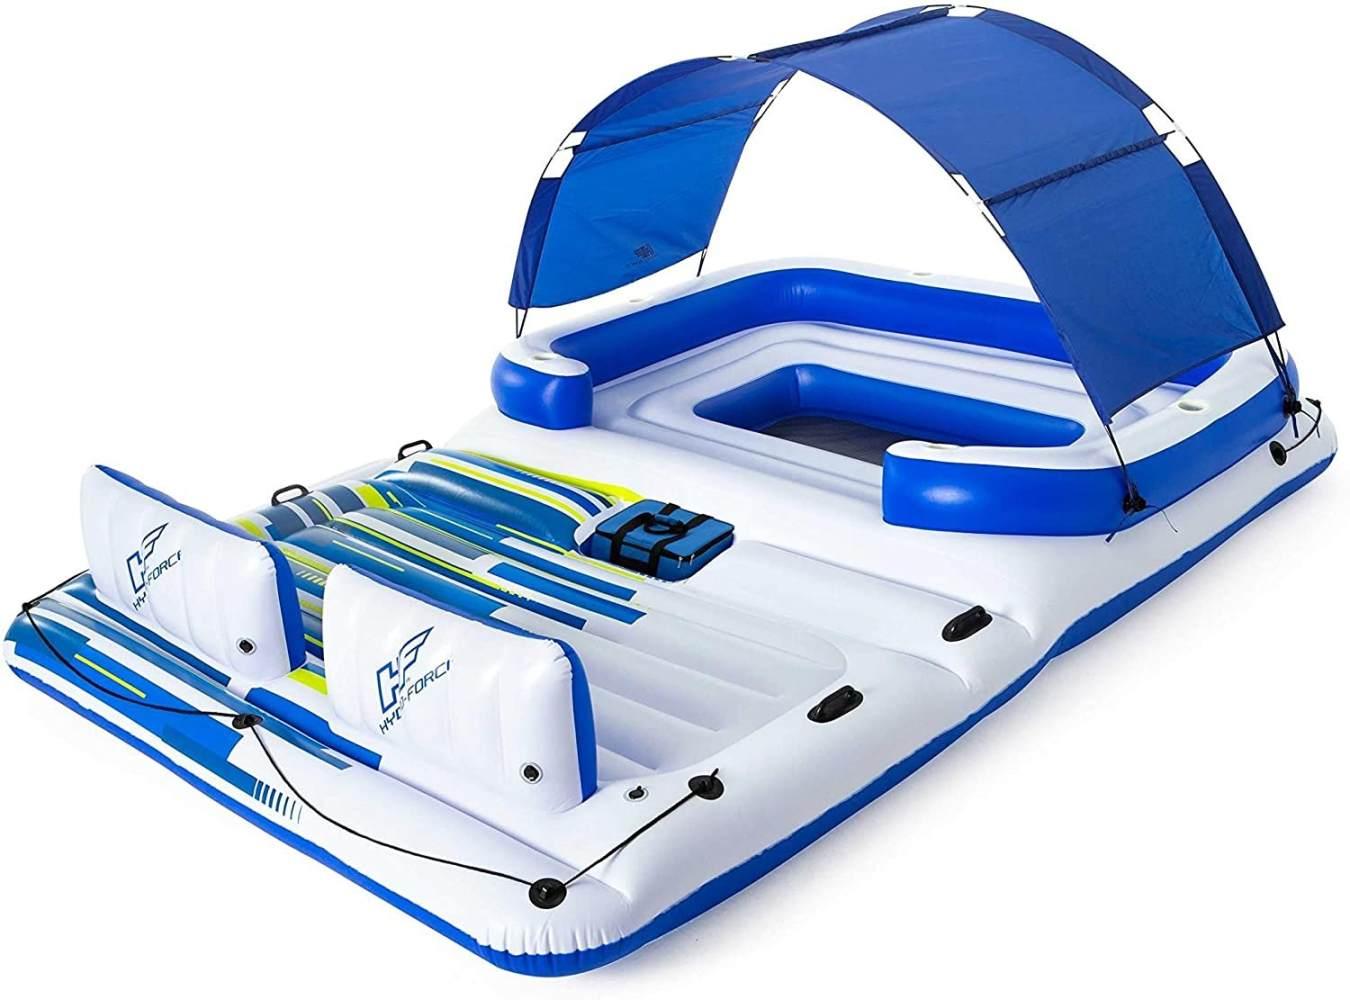 Bestway Hydro-Force 'Tropical Breeze' Badeinsel, 373 x 264 x 73 cm, geeignet für 6 Personen, inkl. abnehmbaren Sonnenschutz, Getränkehaltern und integrierter Kühltasche Bild 1